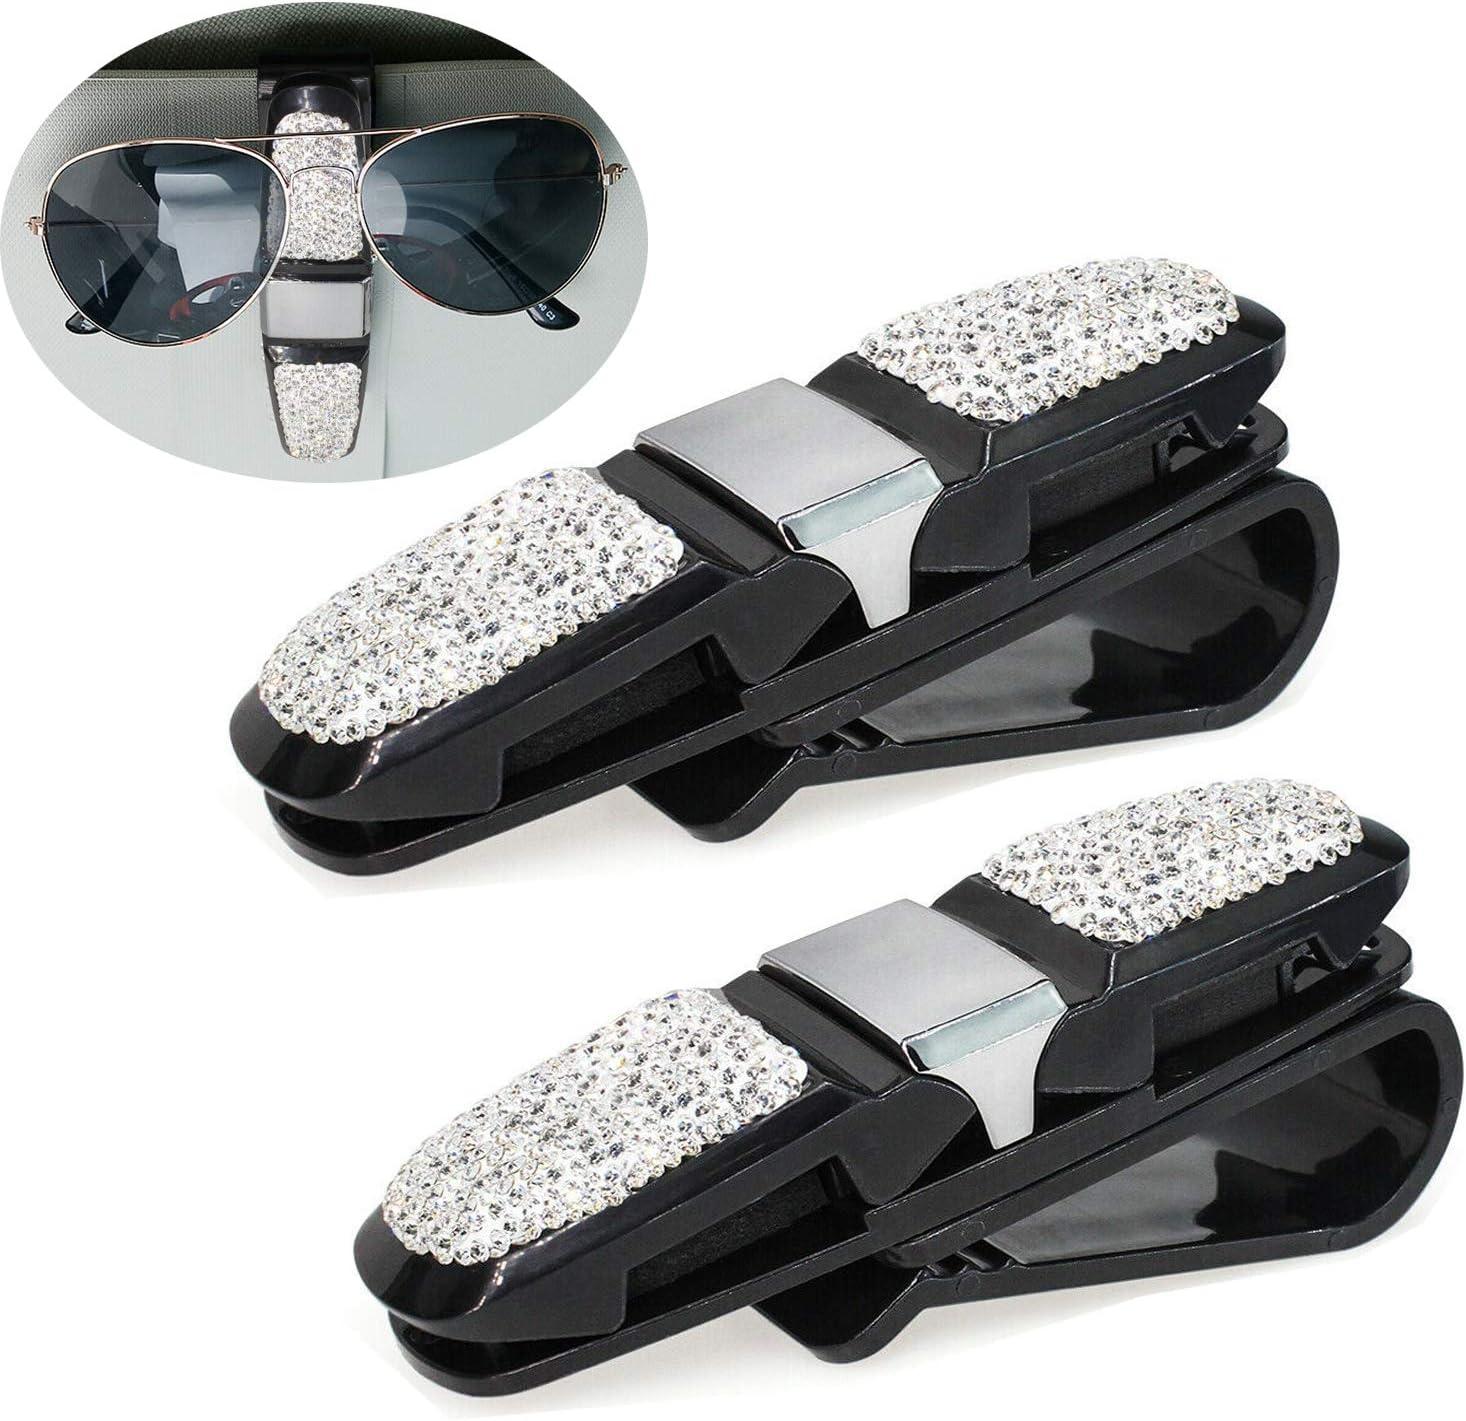 Glasses Holder for Car Visor, 2pcs Bling Crystal Rhinestones Car